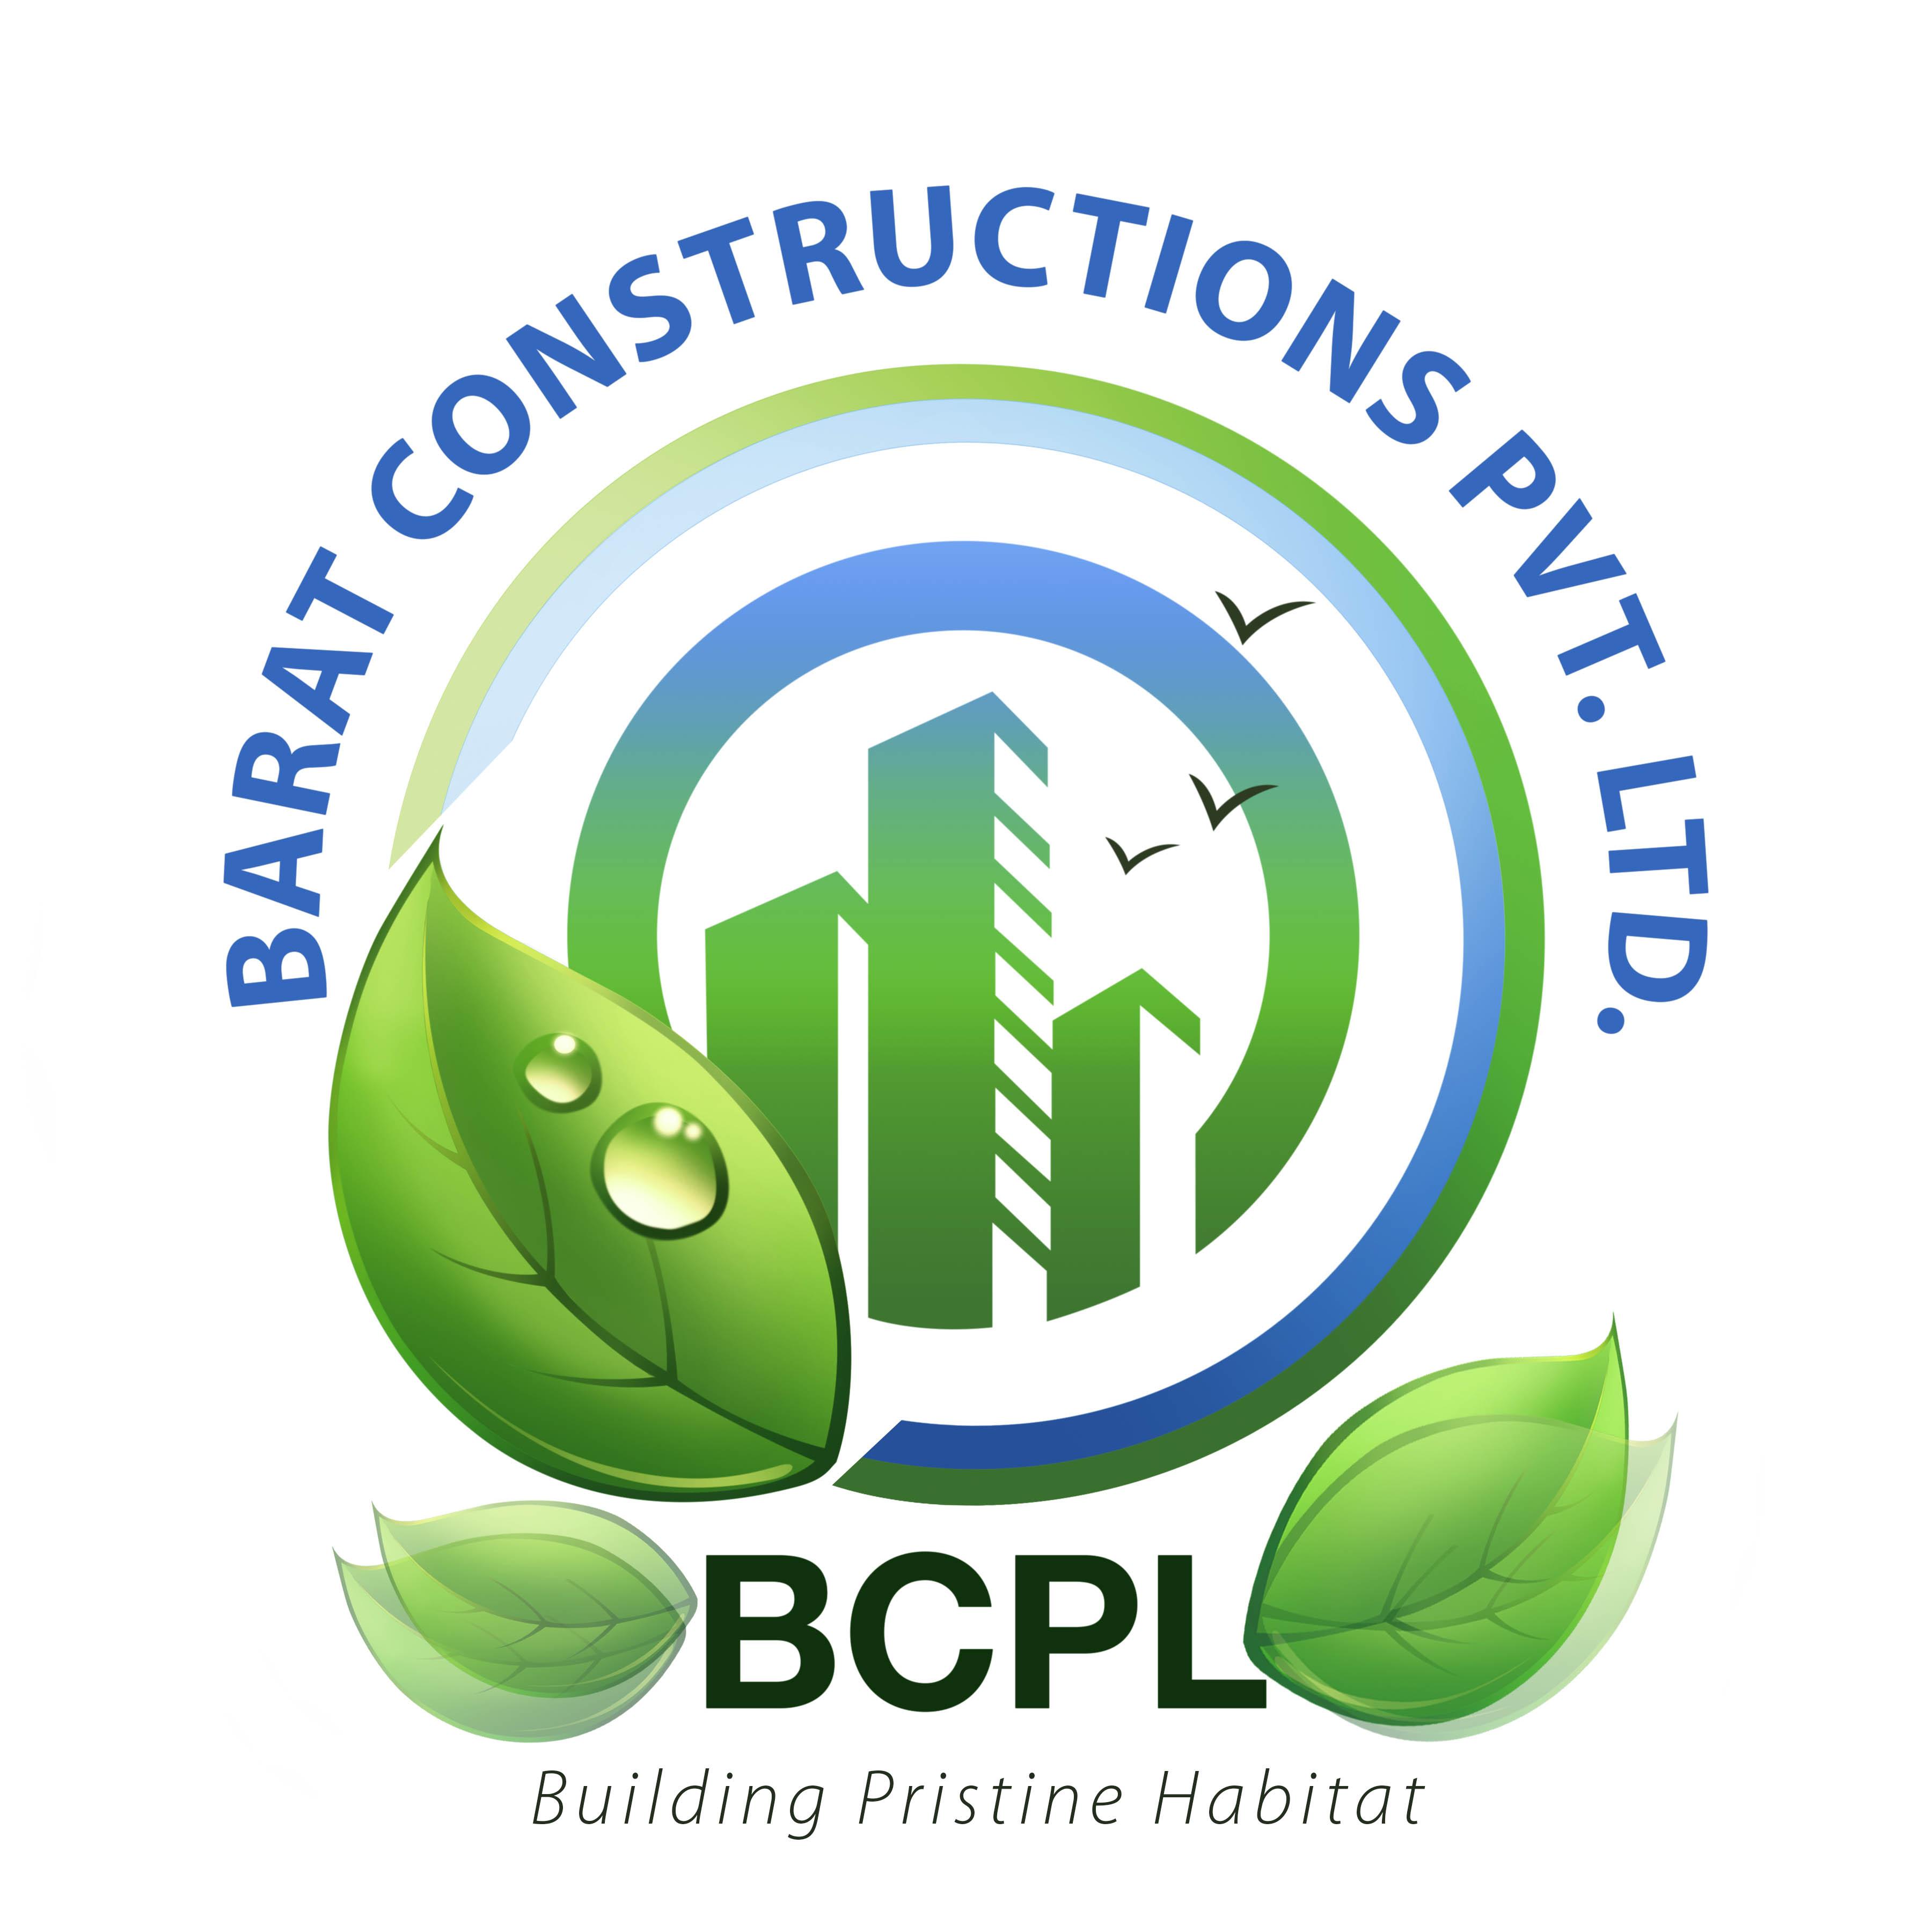 BARAT CONSTRUCTIONS PVT. LTD.